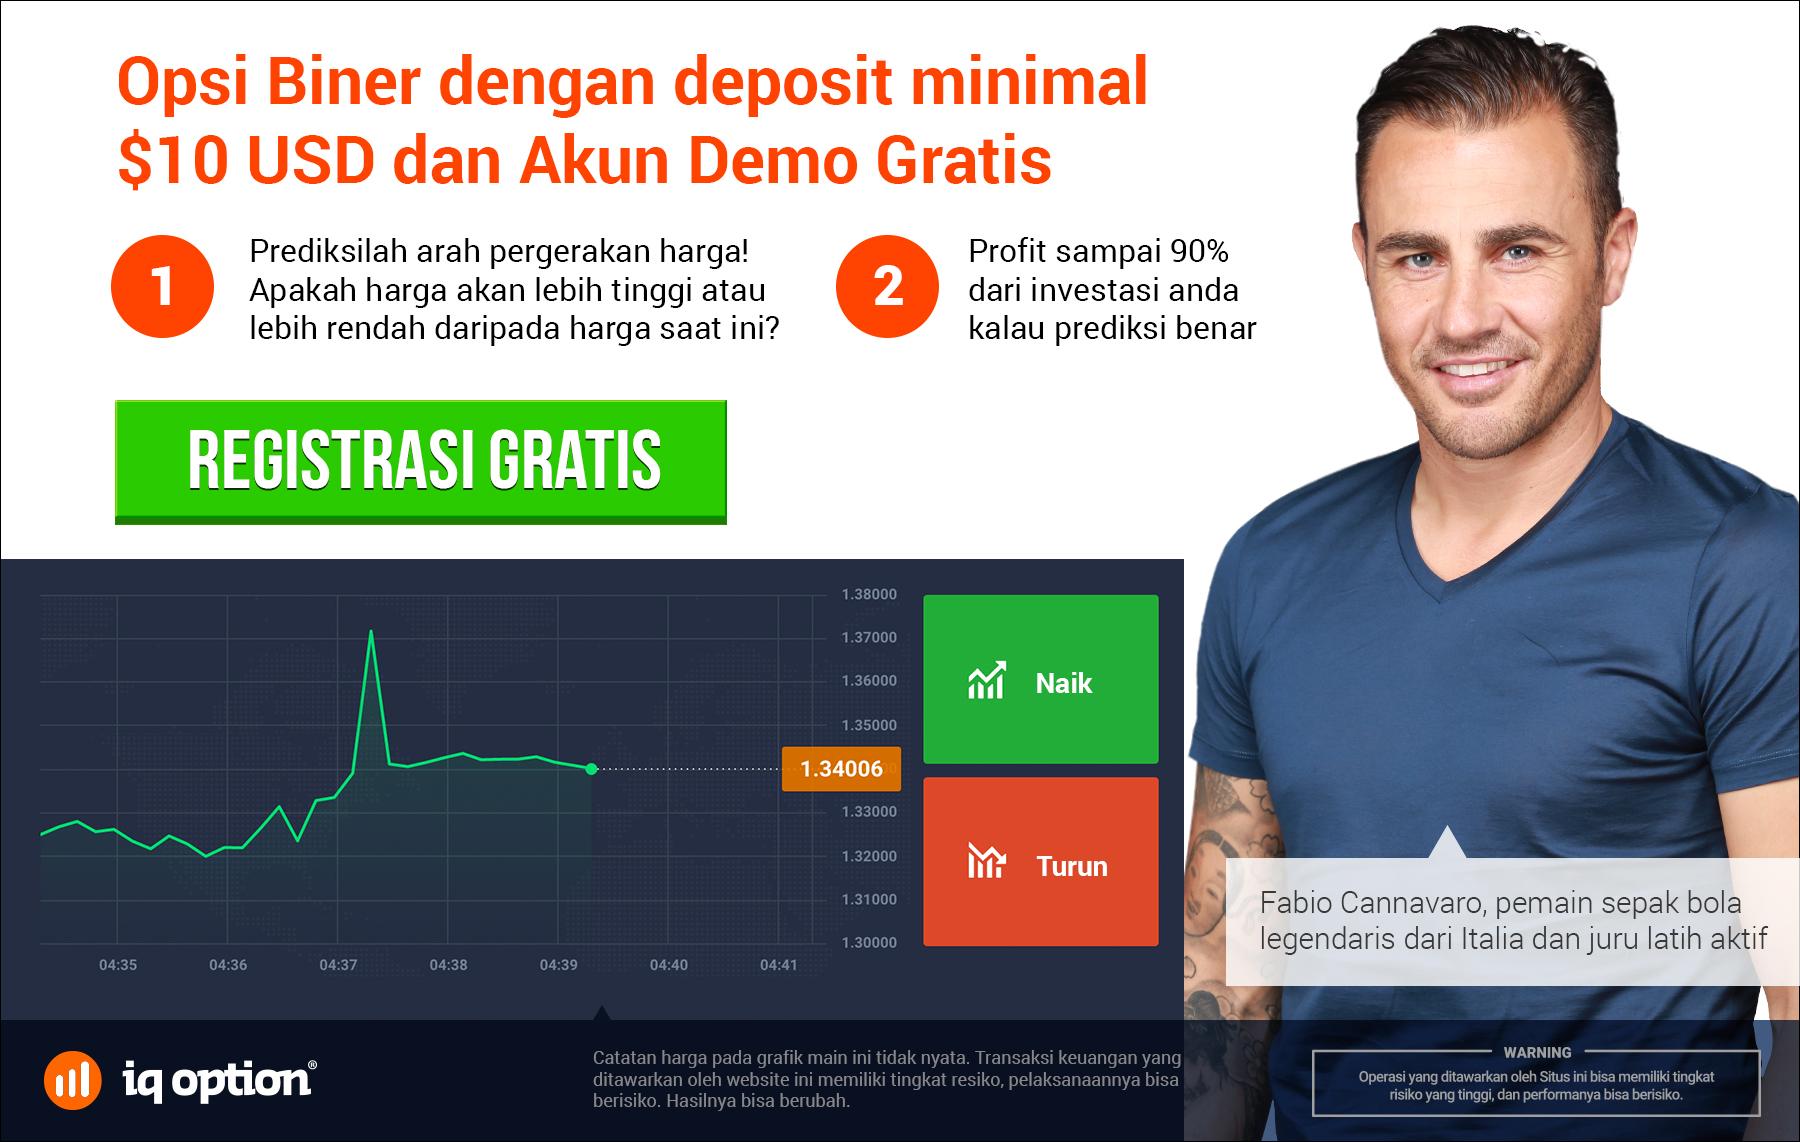 Ini Dia Cara Trading Option Saham di Indonesia